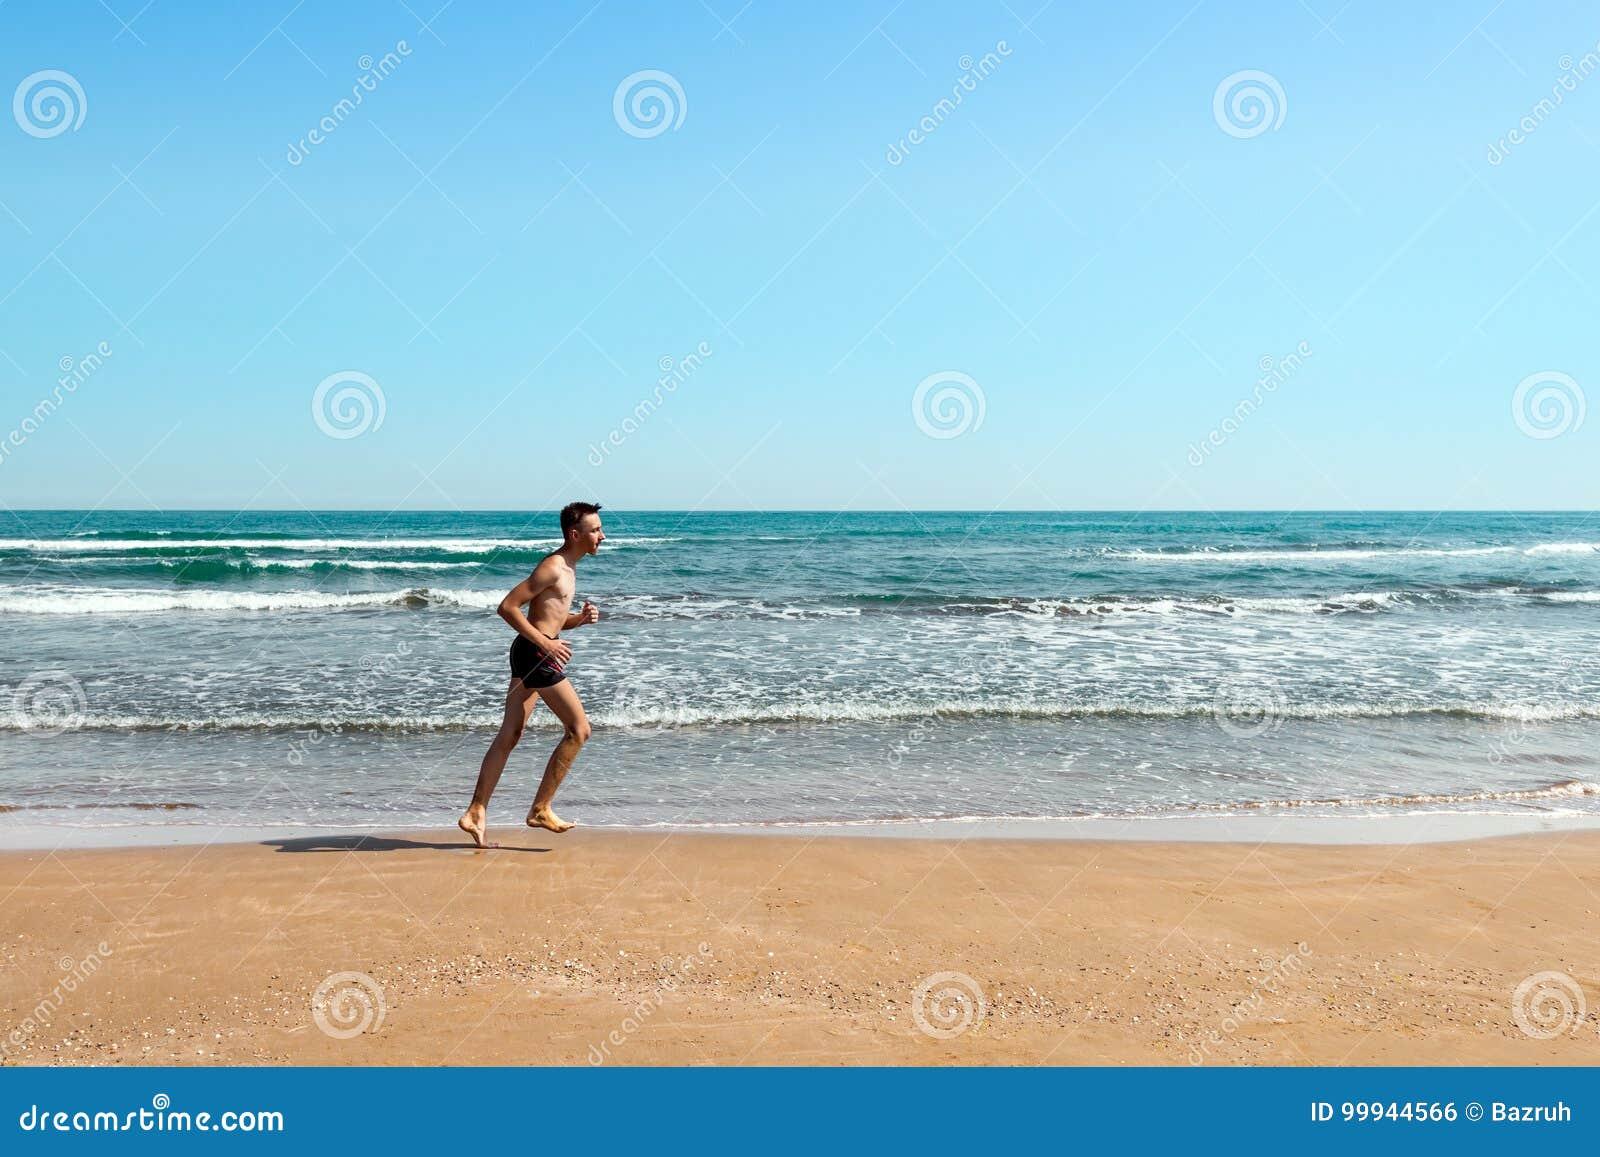 海滩的连续运动员